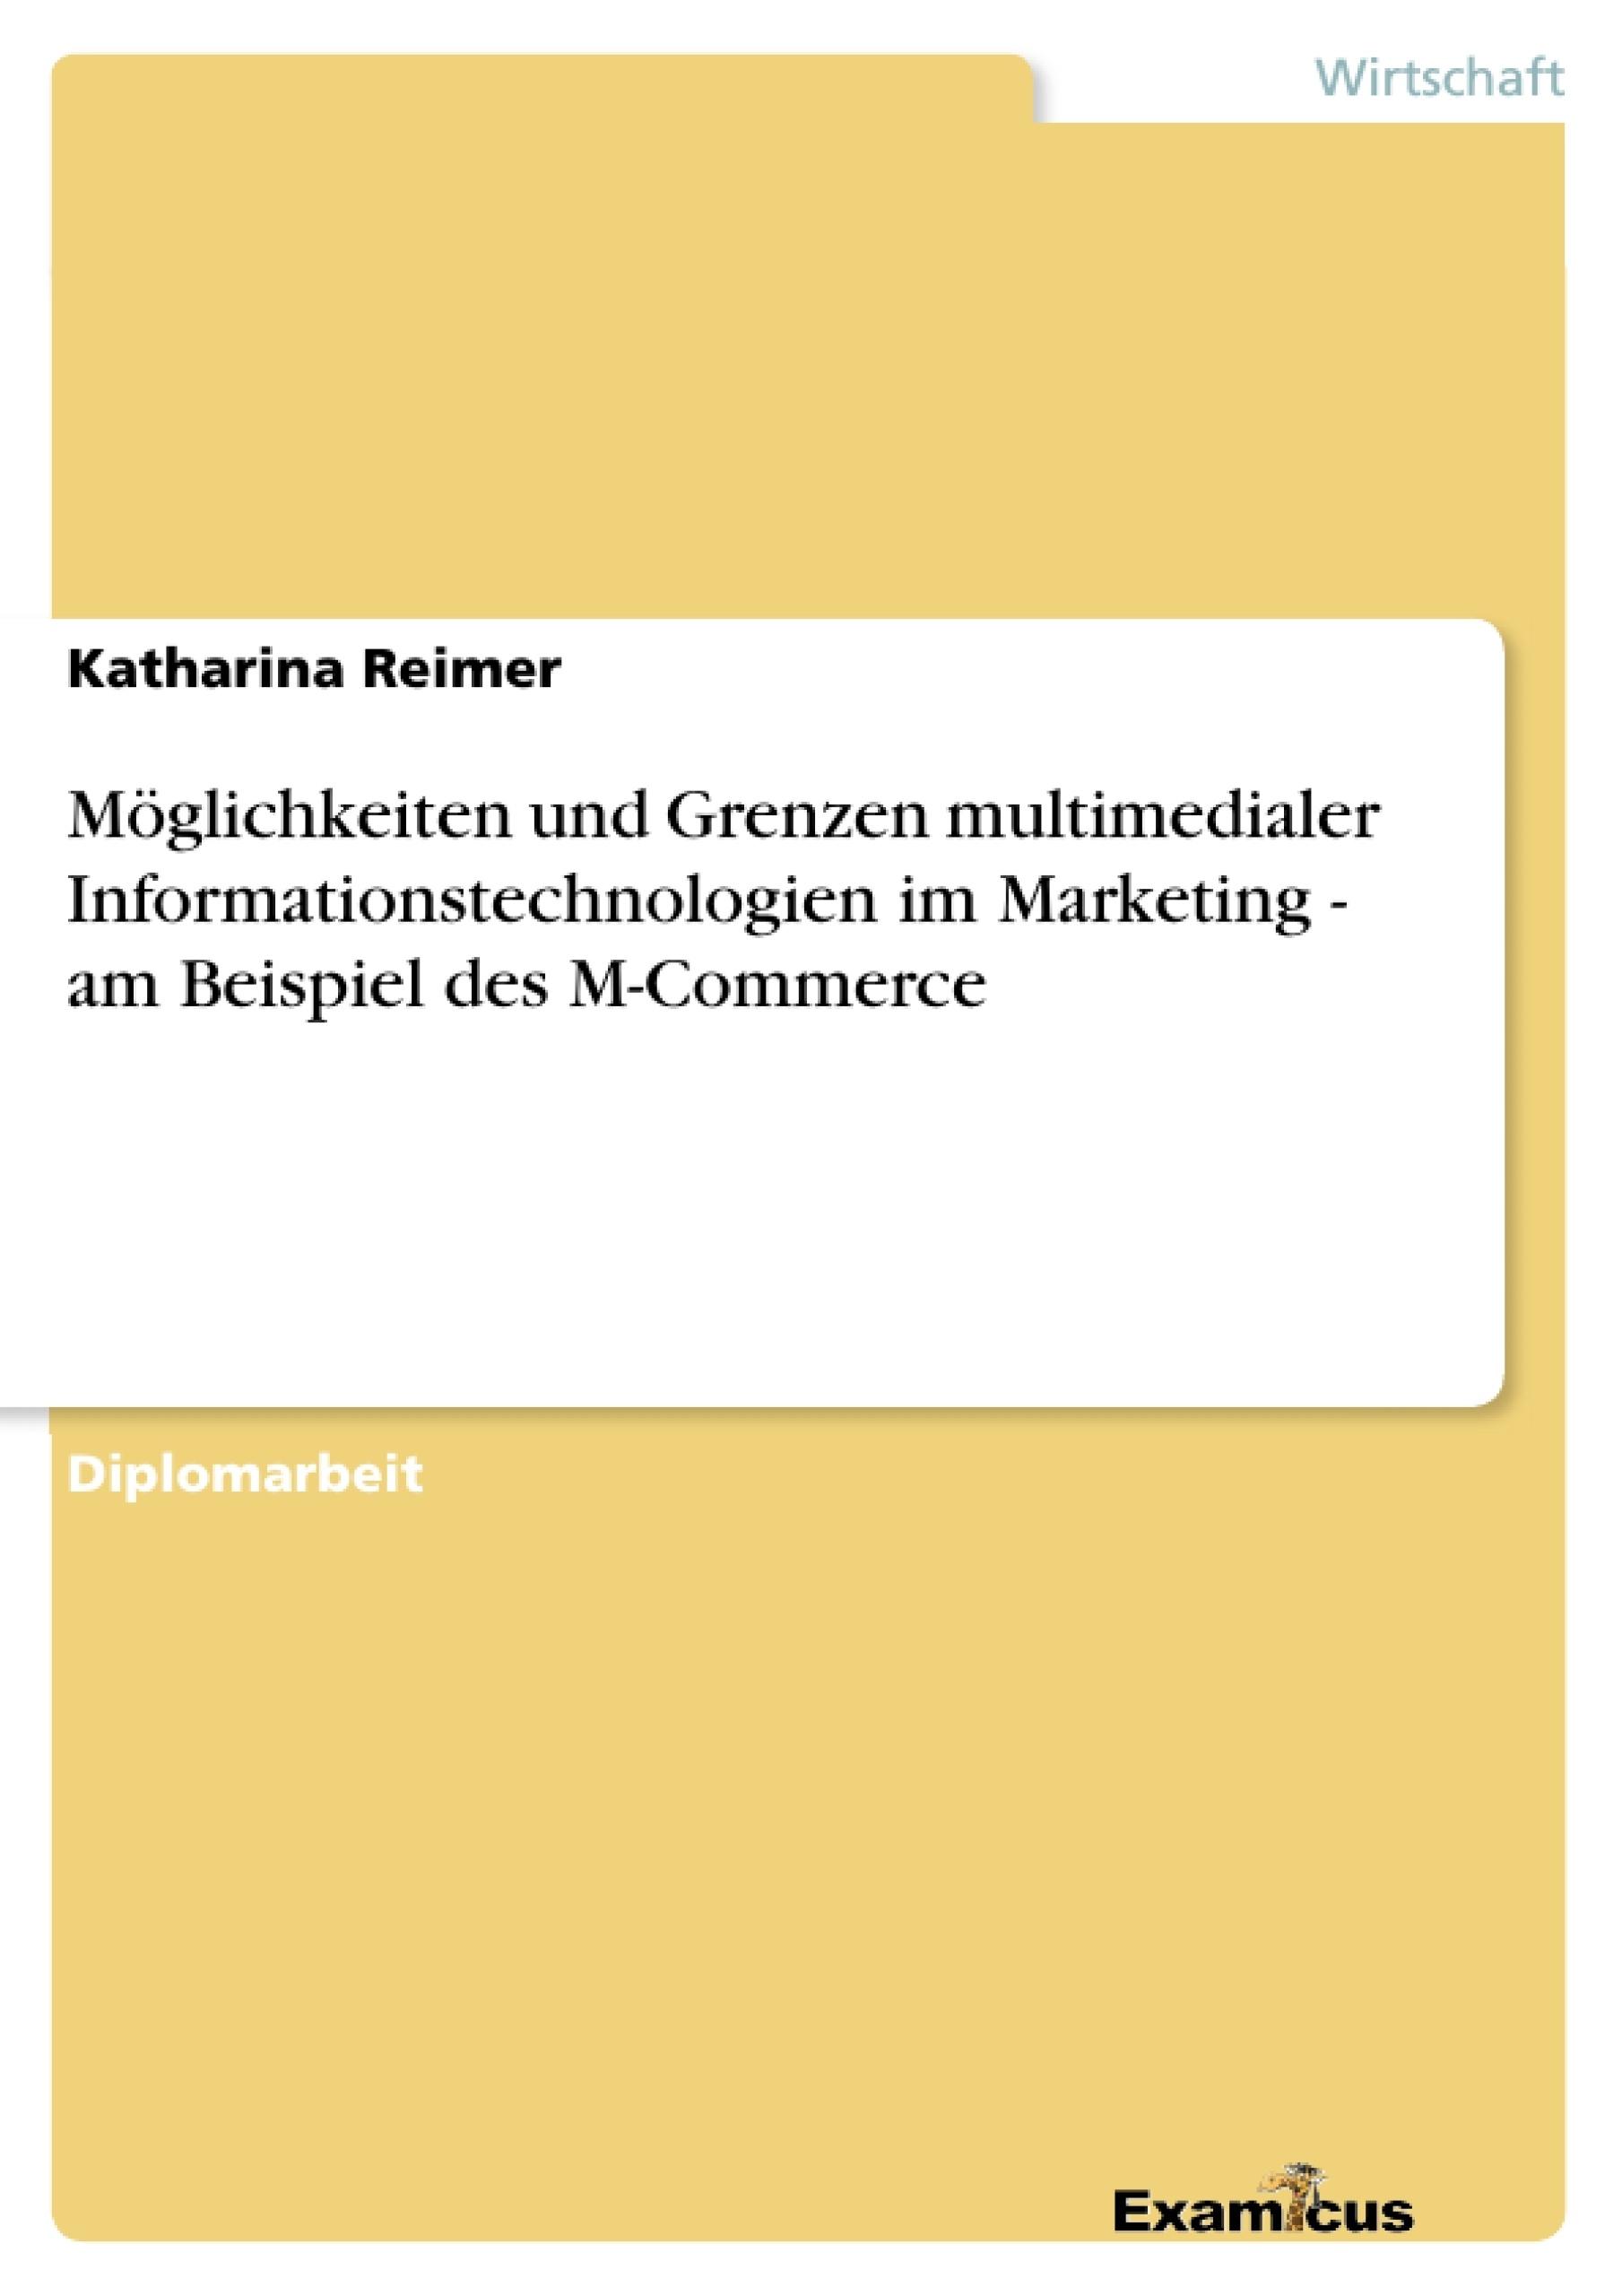 Titel: Möglichkeiten und Grenzen multimedialer Informationstechnologien im Marketing - am Beispiel des M-Commerce